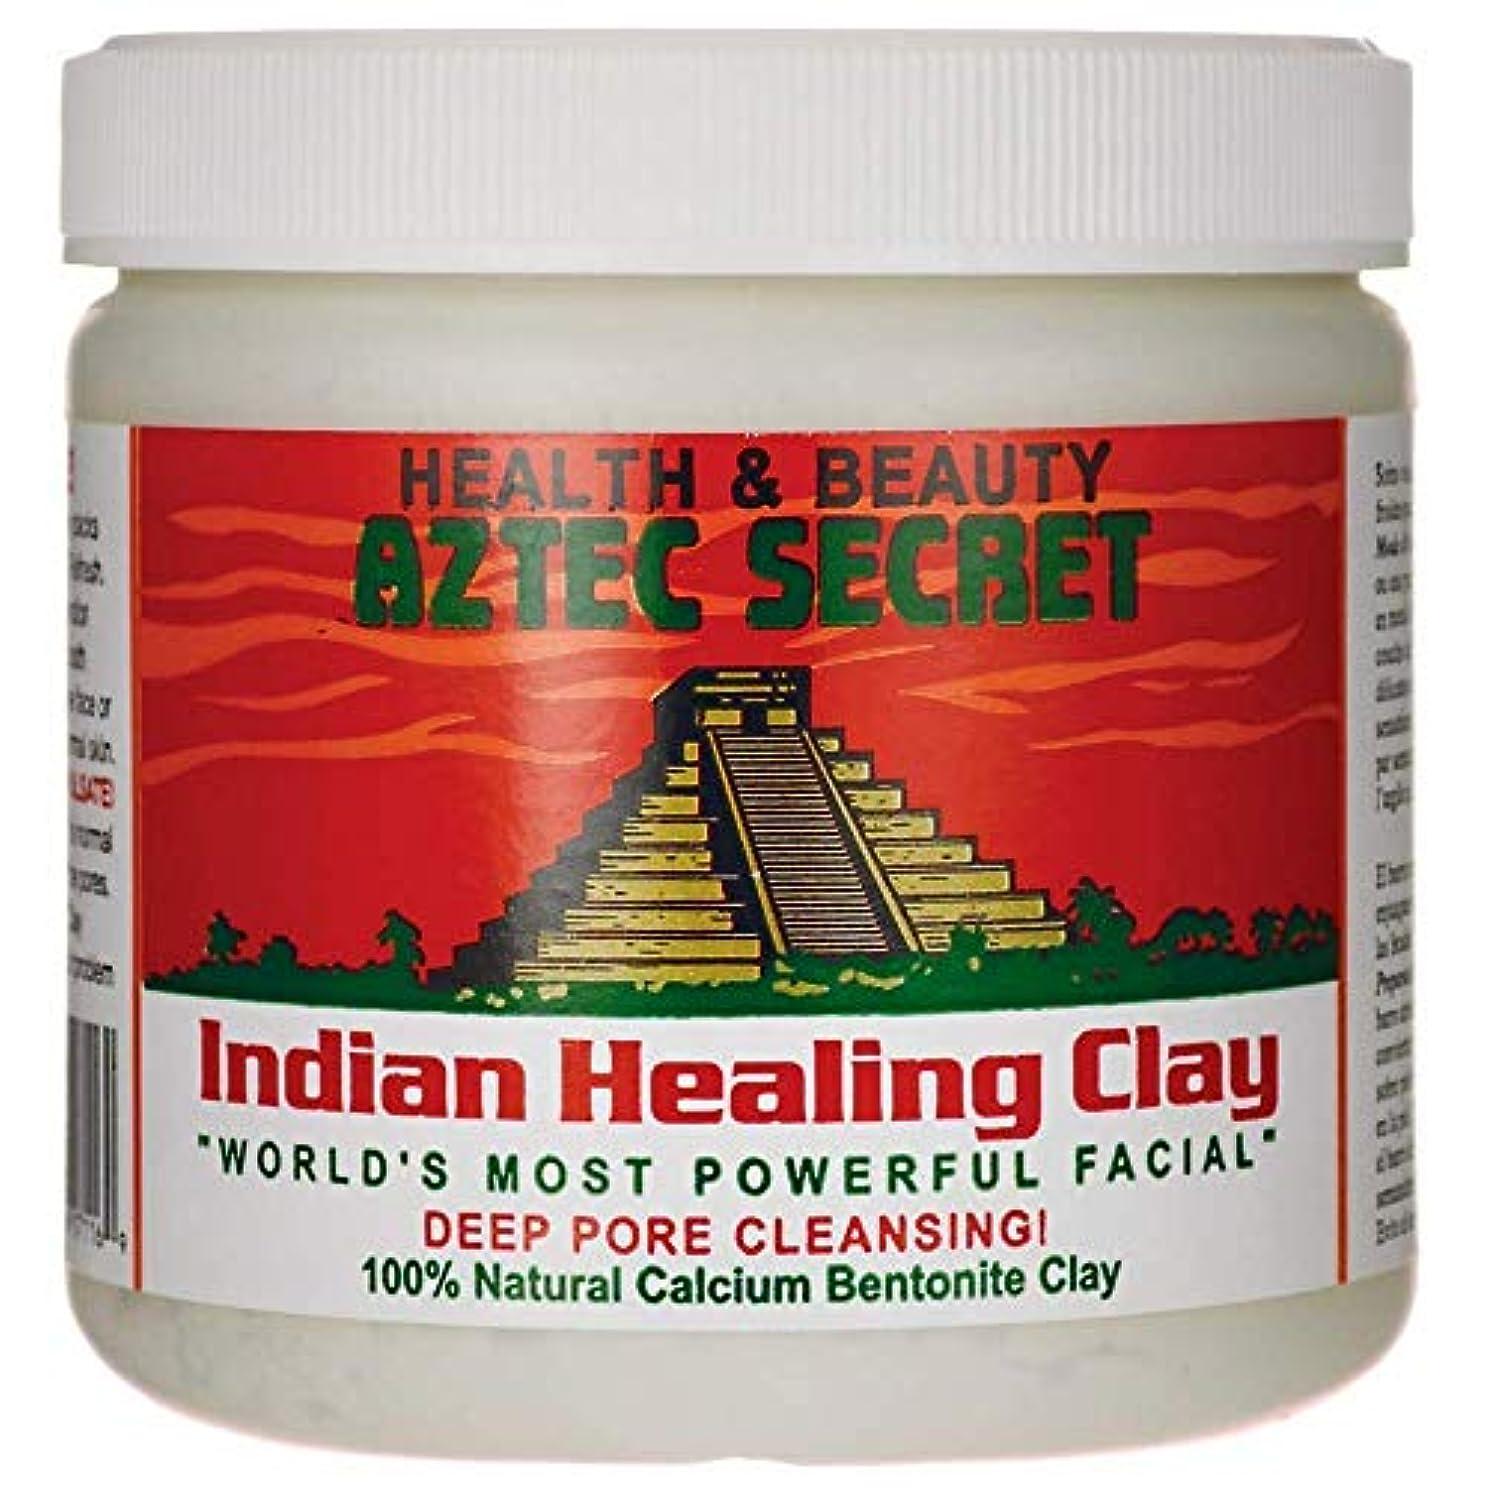 喜ぶ険しい機動Aztec Secret 1 Lbをオリジナルの100%天然カルシウムベントナイト粘土をマスクディープポアクレンジング?フェイシャル&ボディヒーリング 1ポンド